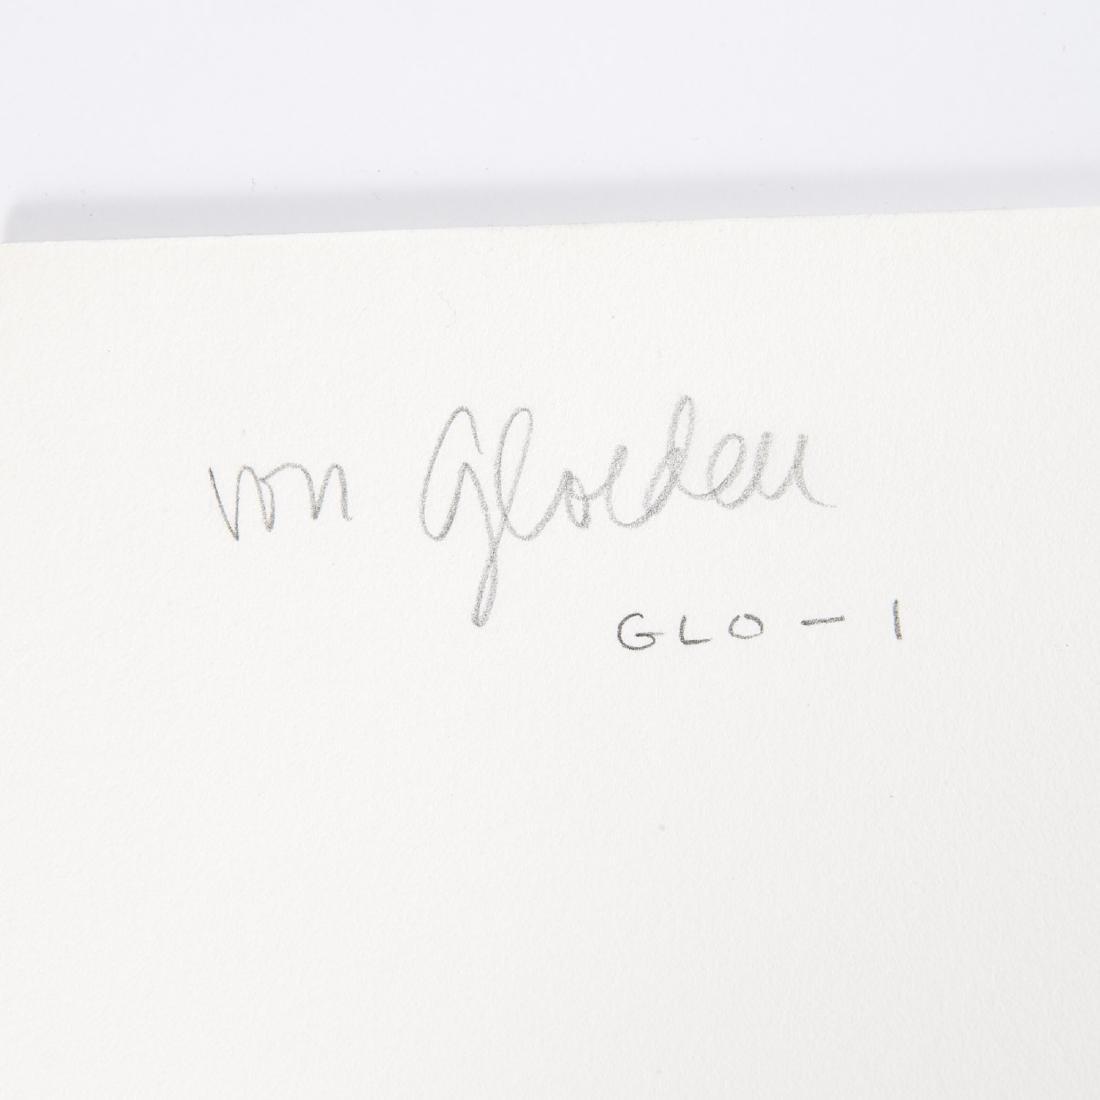 Wilhelm von Gloeden, photograph - 4